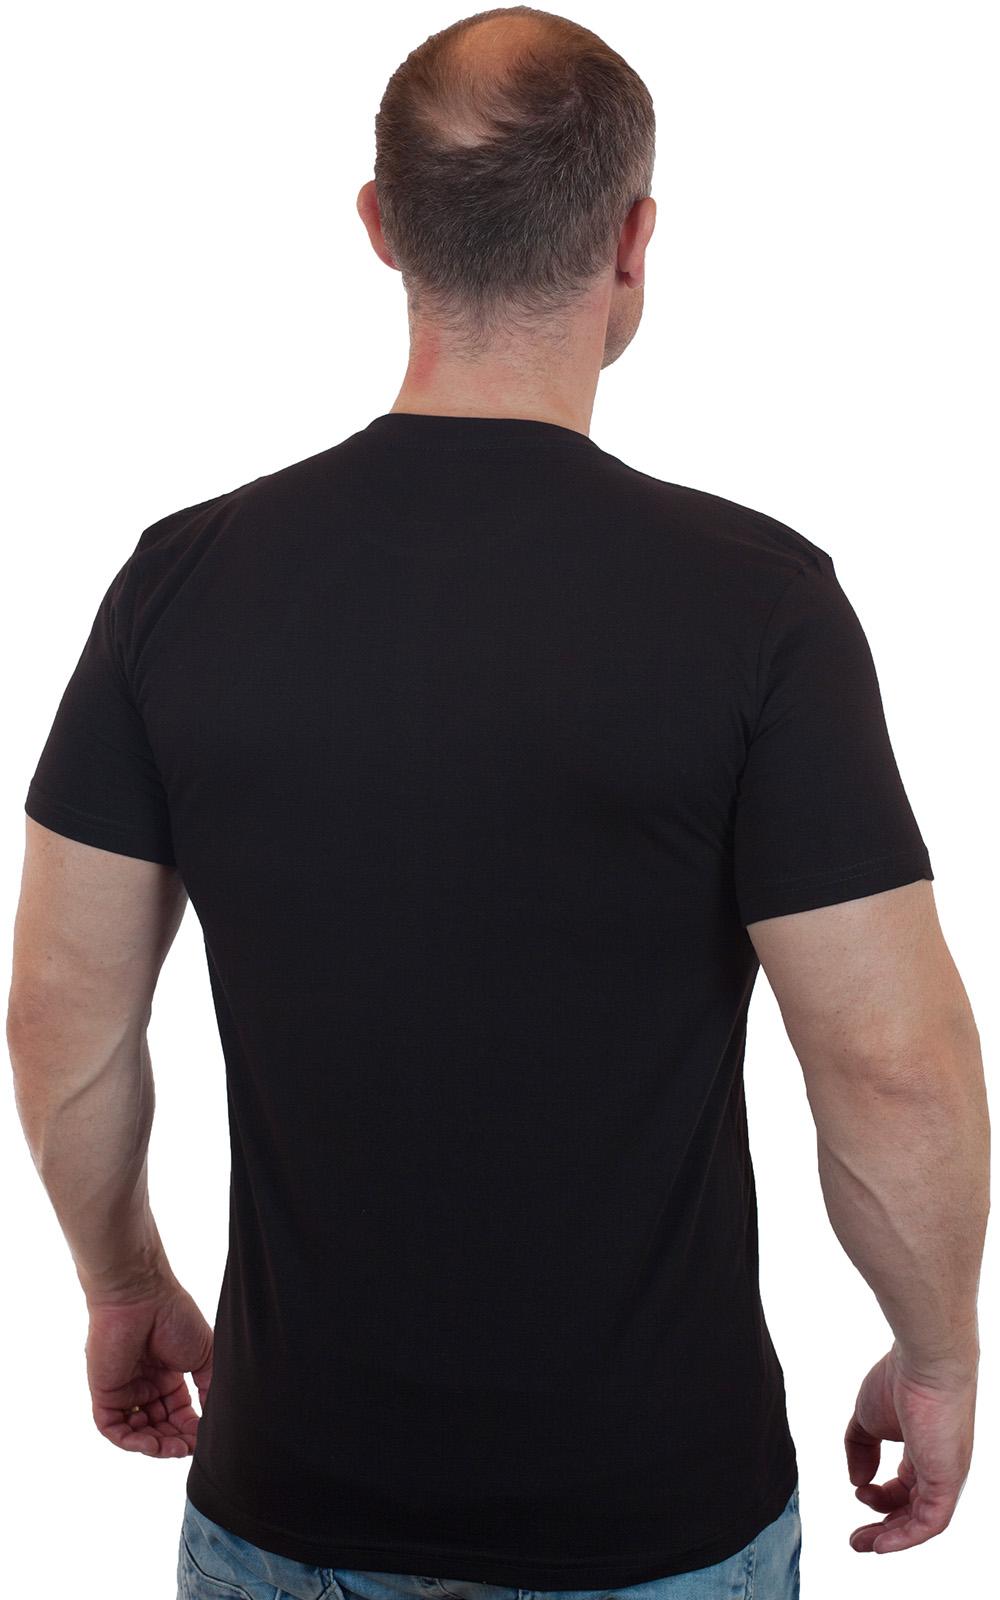 Черная оригинальная футболка МЧС - заказать выгодно